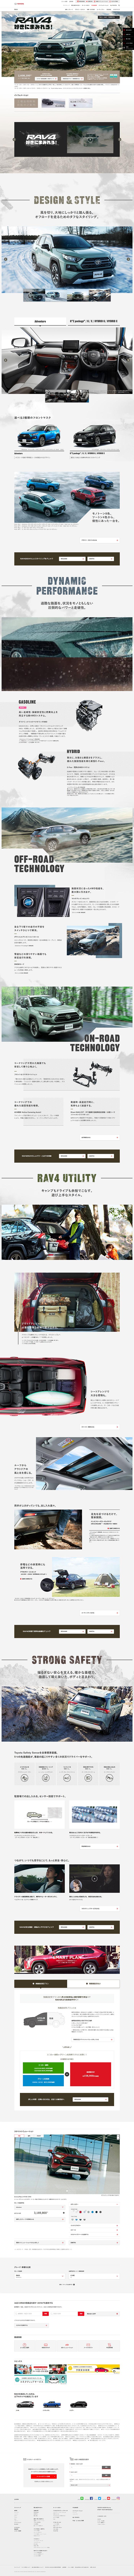 トヨタ RAV4 | トヨタ自動車WEBサイト